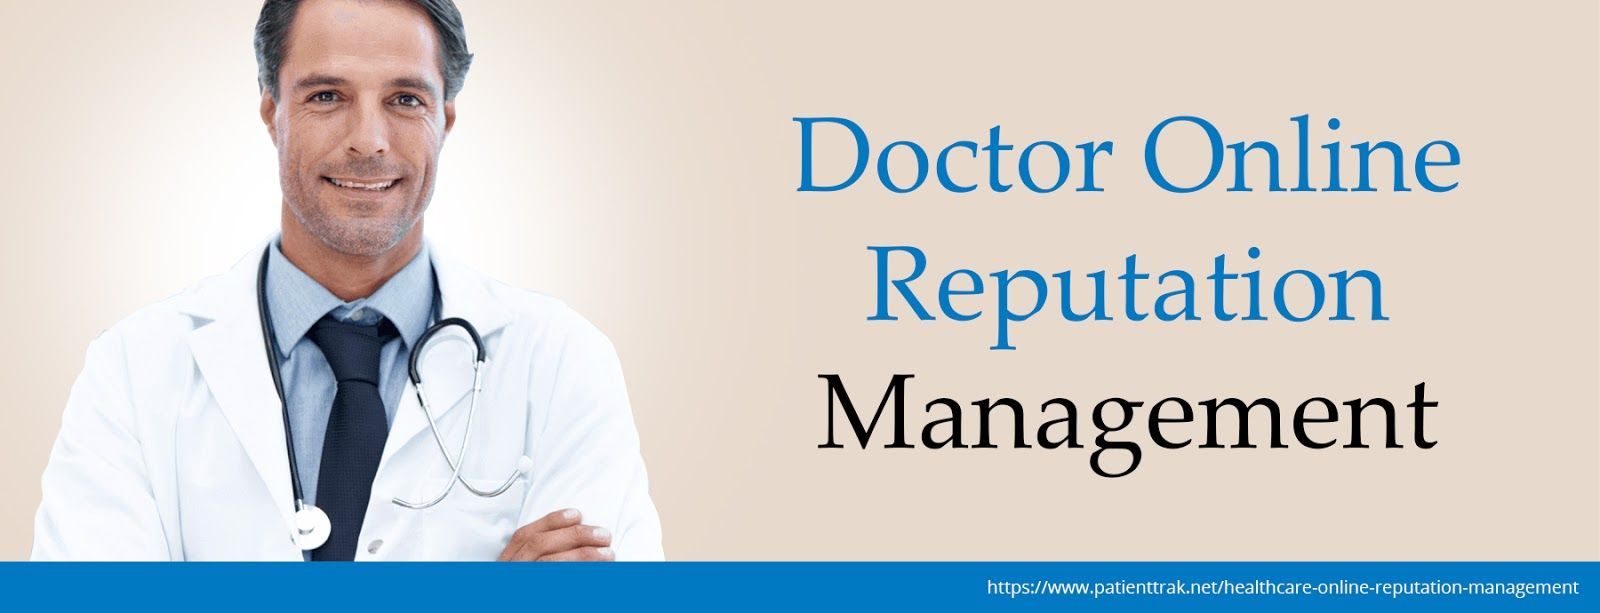 -Doctor-Online-Reputation-Management